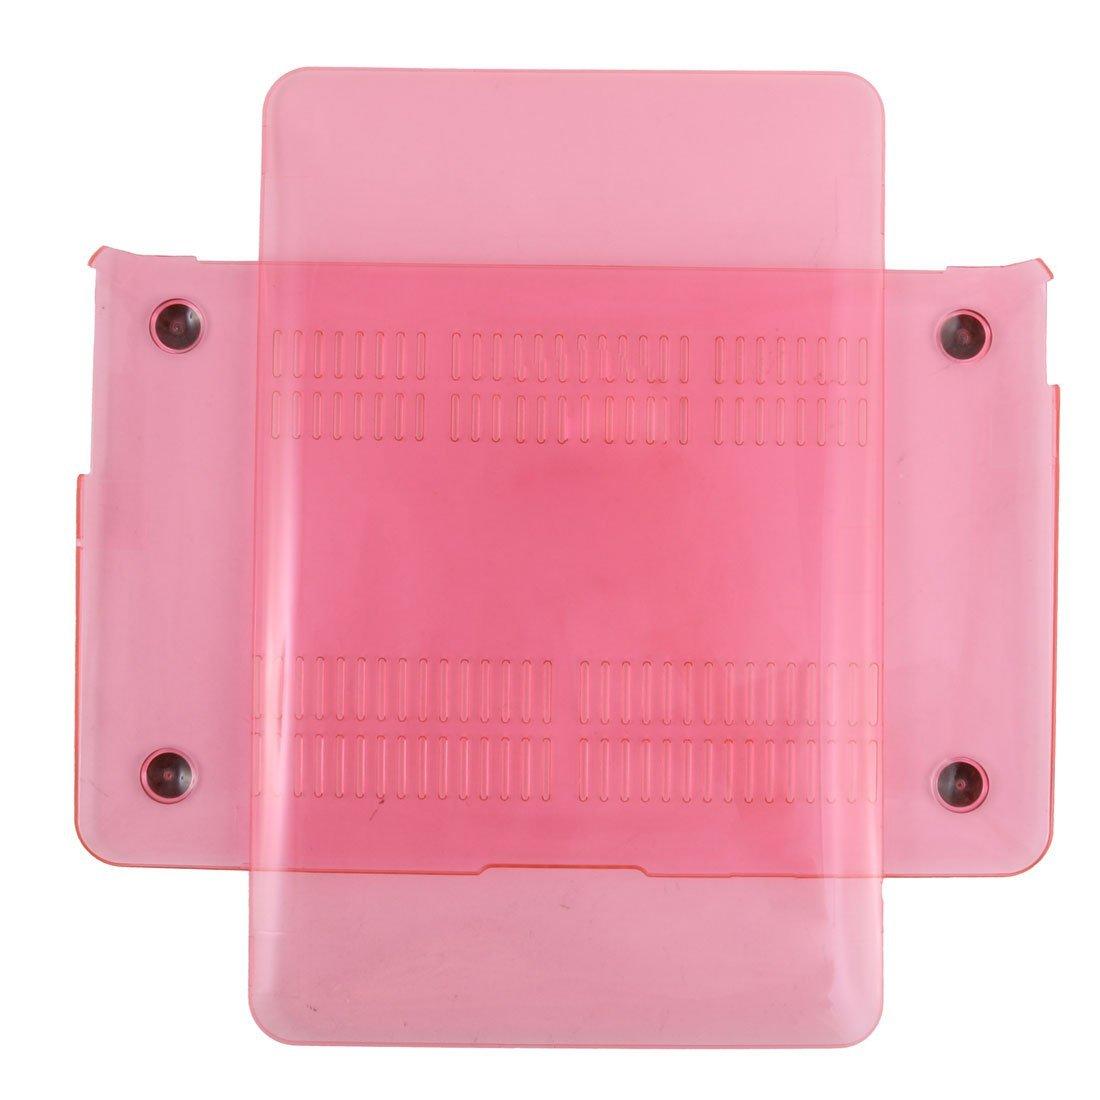 Amazon.com: eDealMax plástico Inicio del ordenador portátil Anti-polvo de Shell Duro funda protectora de Color de rosa Caliente Para MacBook Air DE 11 ...